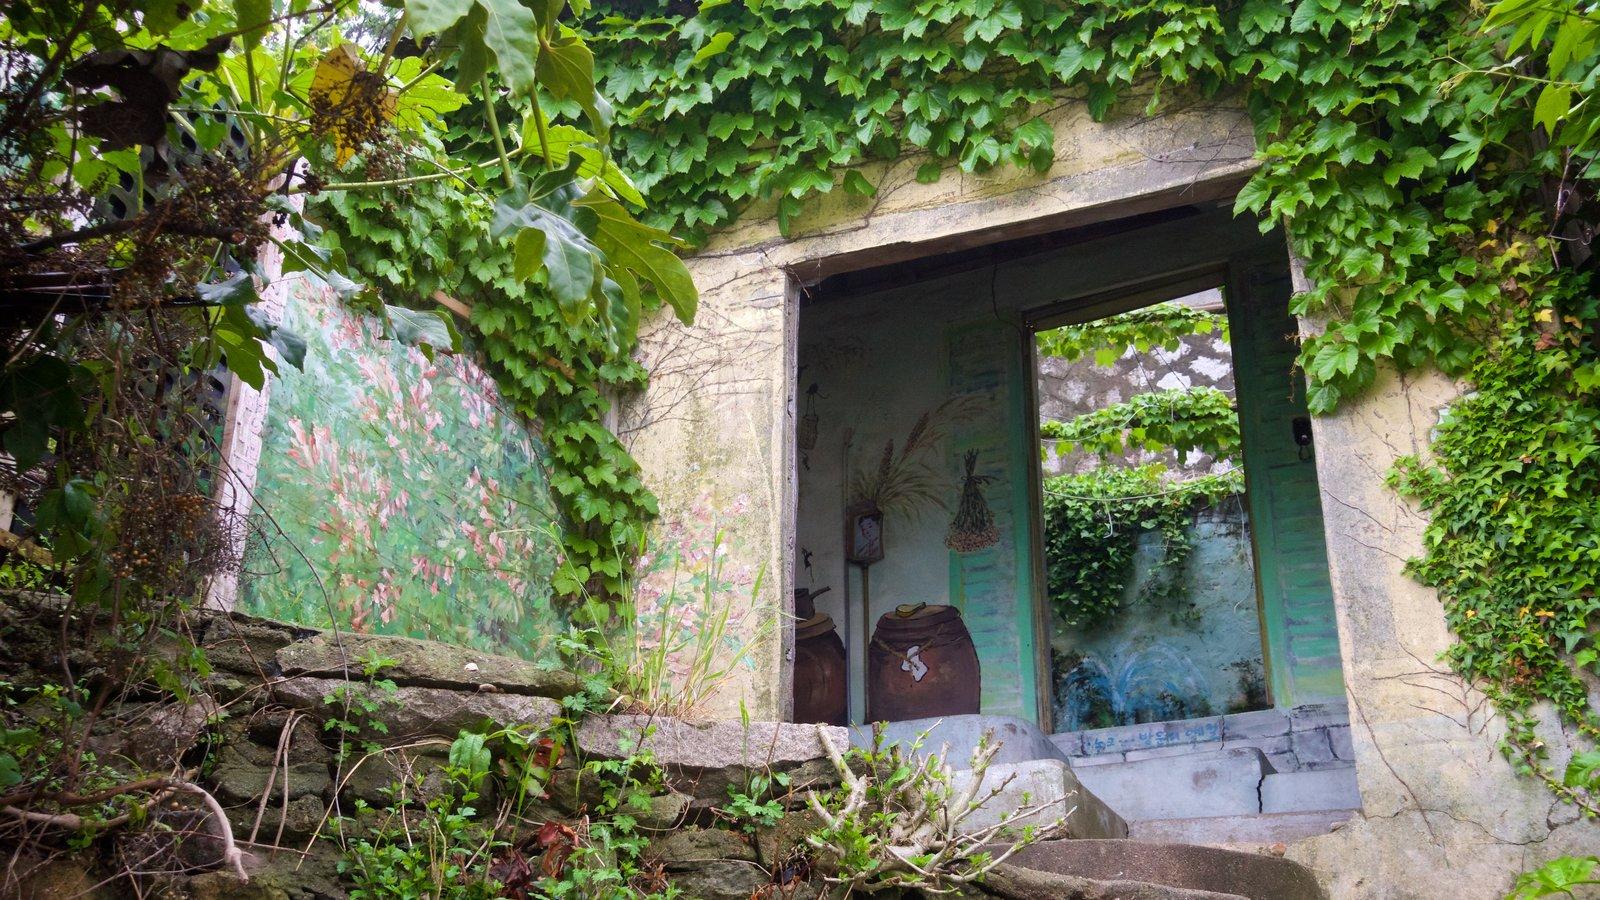 Aldea de muros pintados de Dongpirang ofreciendo arte al aire libre y un parque